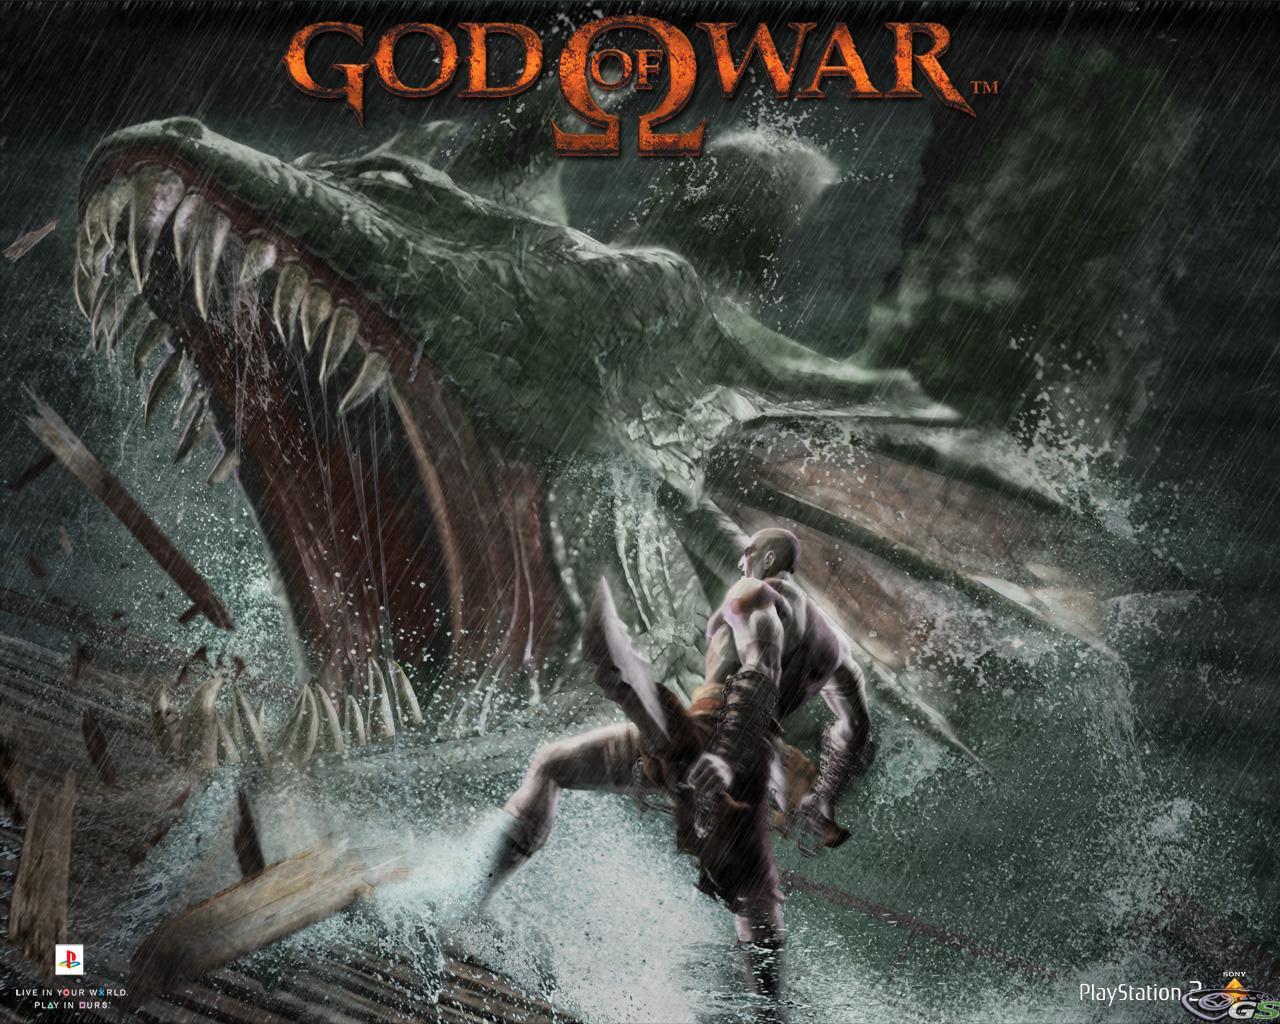 http://4.bp.blogspot.com/_Tv9SwNZGq7k/S61iAwmRiWI/AAAAAAAAABc/qWGMWaIbhgQ/s1600/God_of_War.jpg